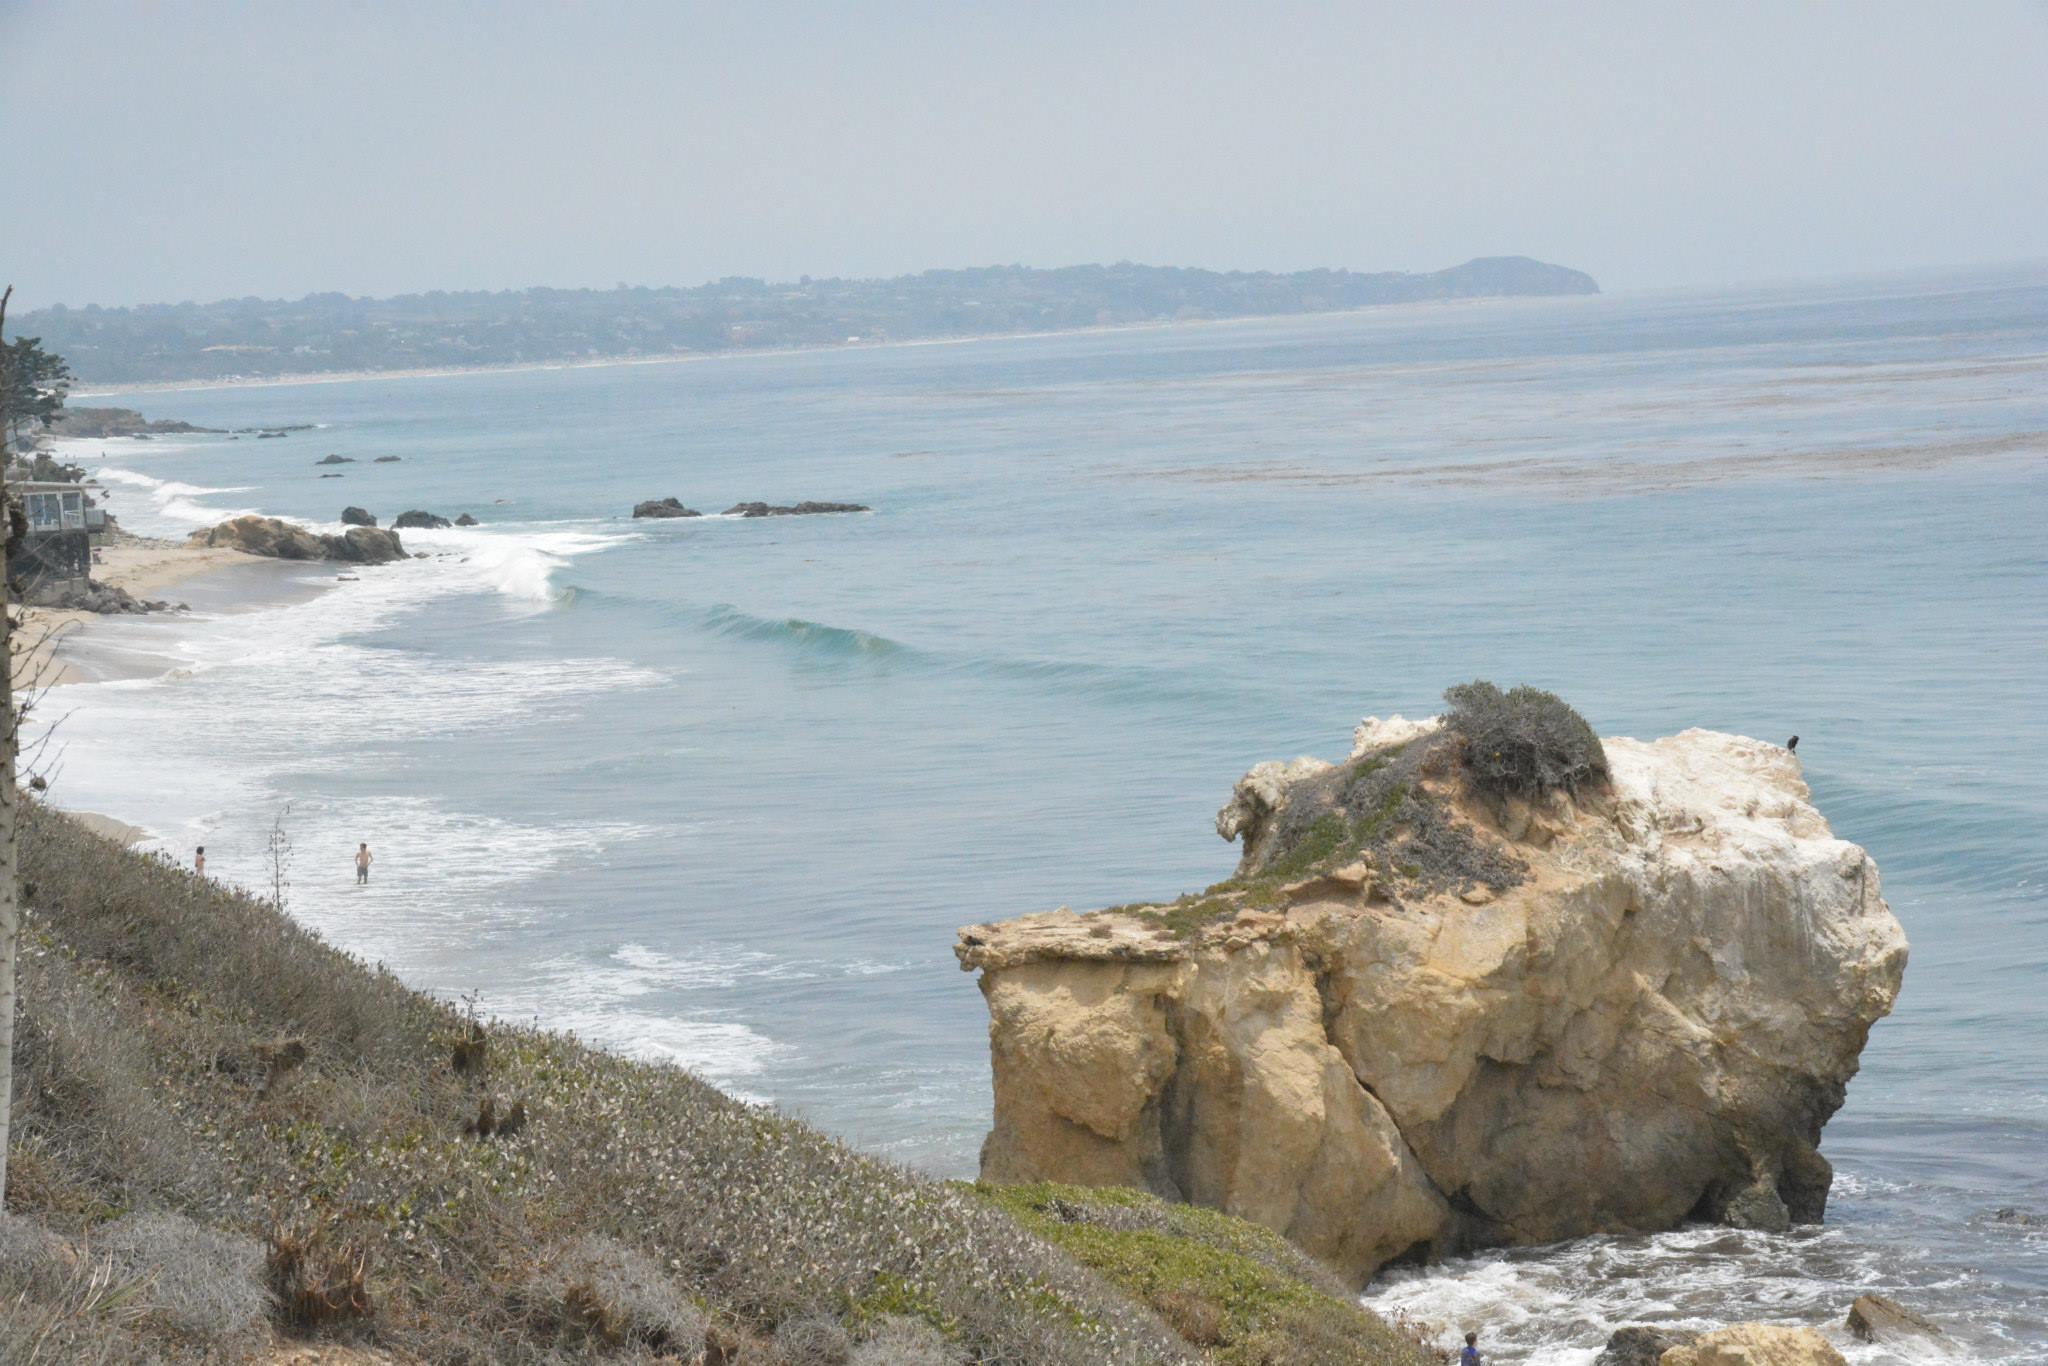 חוף אל מטאדור היפהחוף אל מטאדור היפה